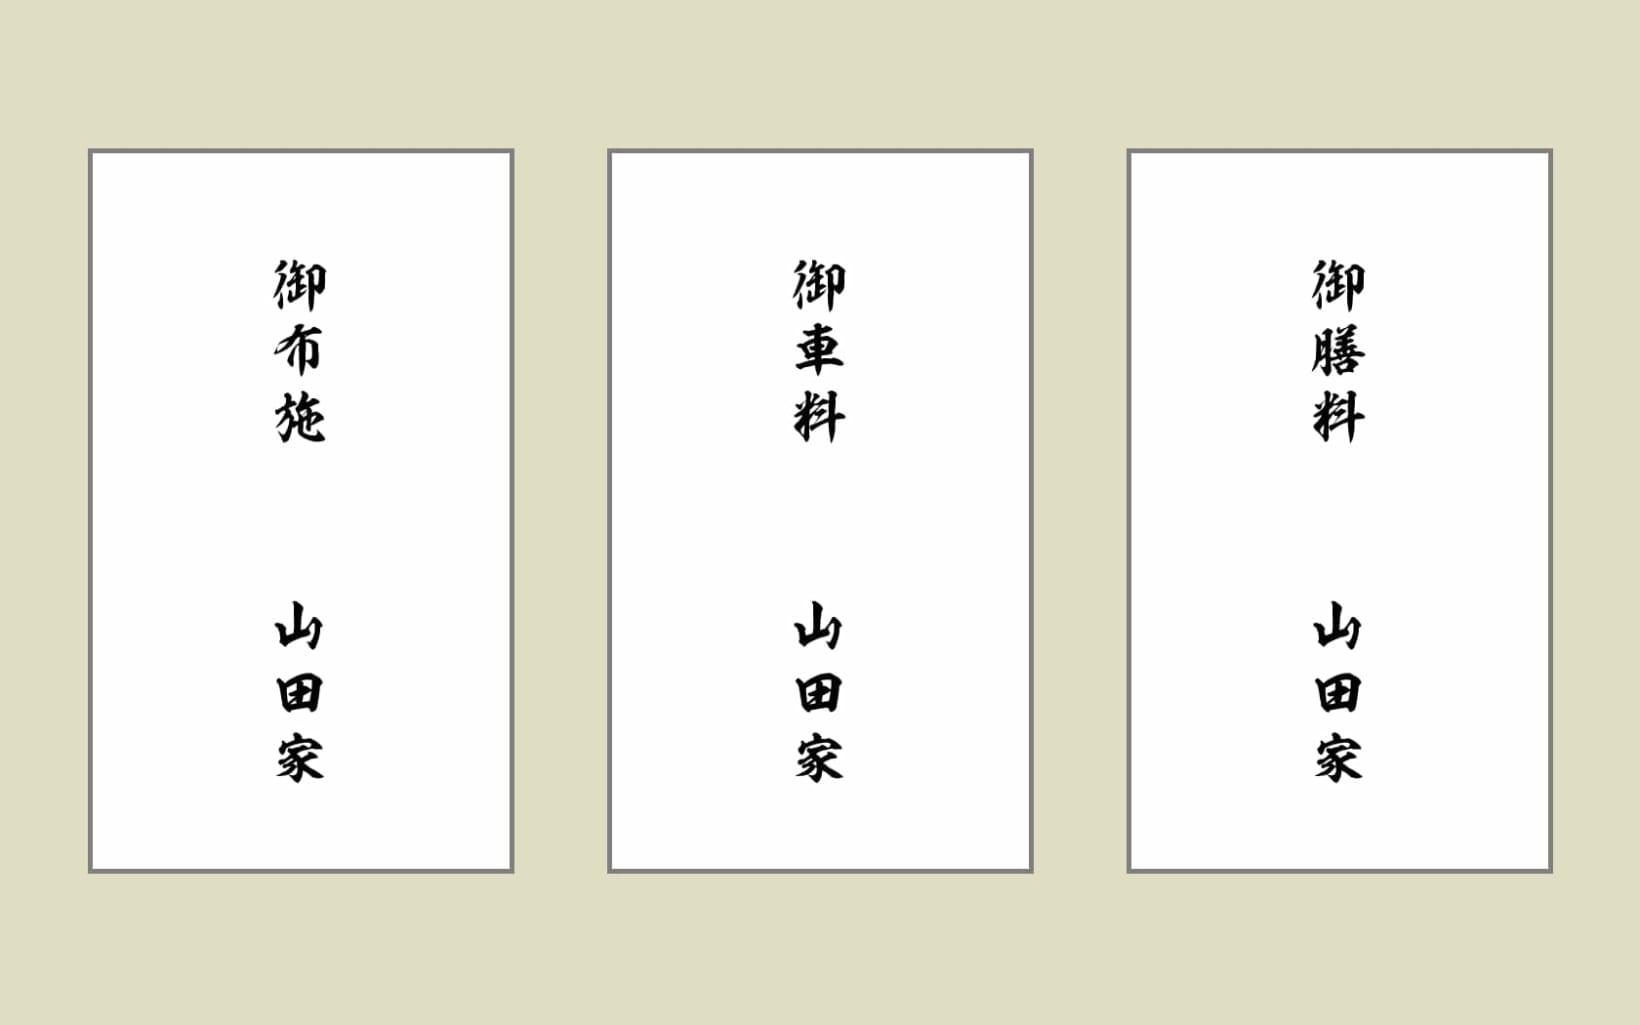 表書きは上に「御布施」「御礼」「読経料」など。 下の部分に〇〇家(苗字)、もしくはフルネームで名前を書く